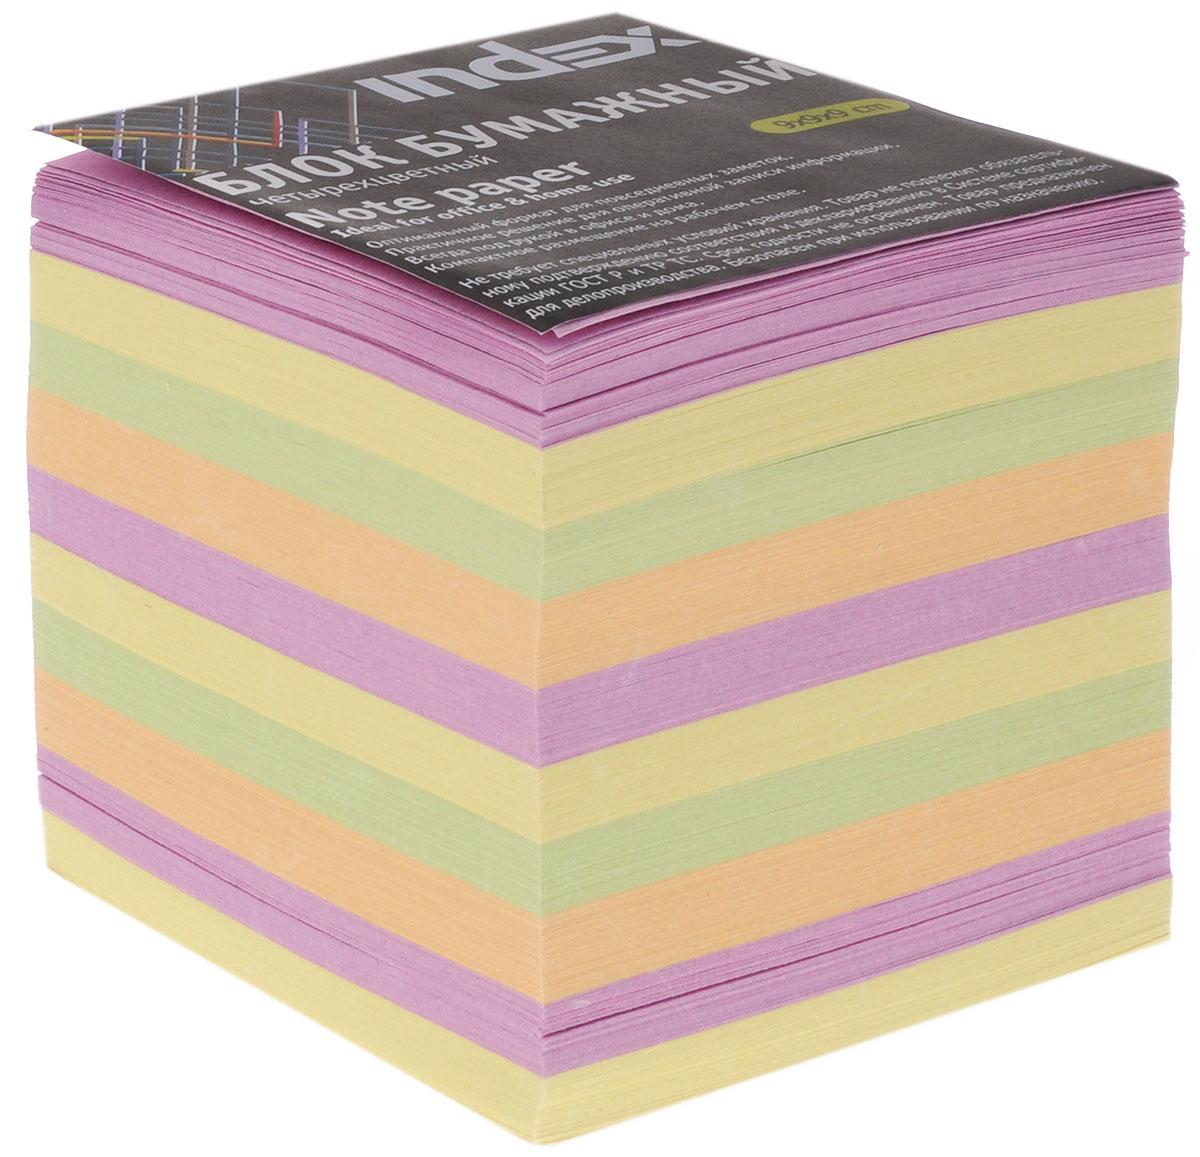 Index Блок для записей многоцветный цвет желтый сиреневый зеленый оранжевыйI9910/N/R_ сиреневый, желтый, зеленый, оранжевыйБлок для записей многоцветный Index - практичное решение для оперативной записи информации в офисе или дома. Блок состоит из листов разноцветной бумаги, что помогает лучше ориентироваться во множестве повседневных заметок. А яркий блок-кубик на вашем рабочем столе поднимет настроение вам и вашим коллегам!